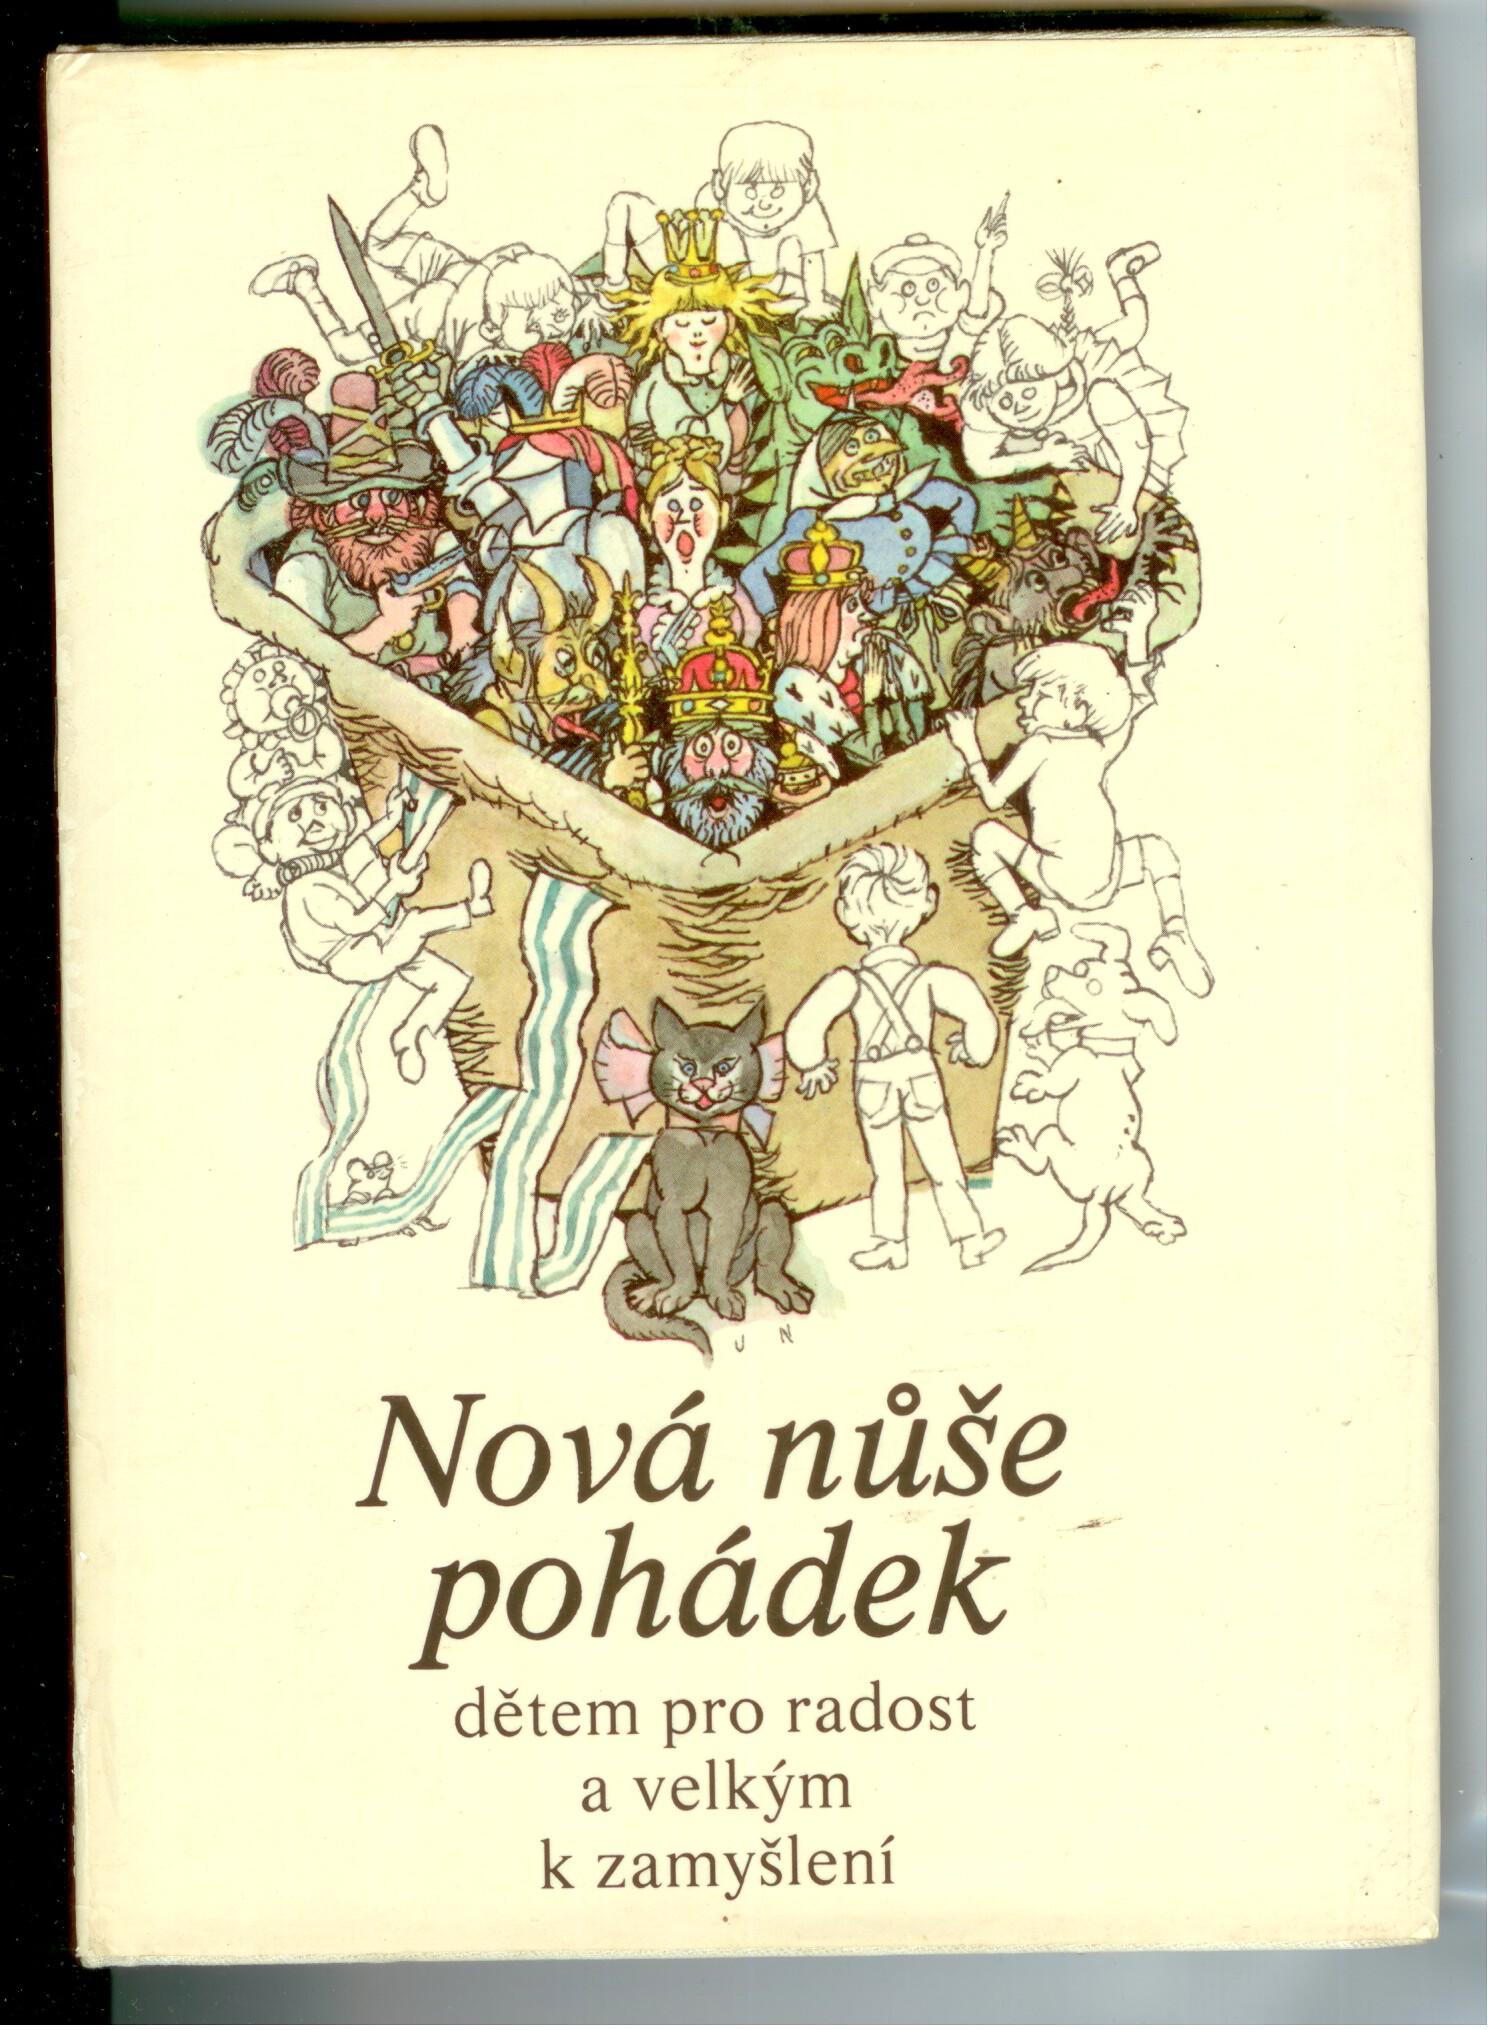 Nová nůše pohádek dětem pro radost a velkým k zamyšlení - Helena Šmahelová